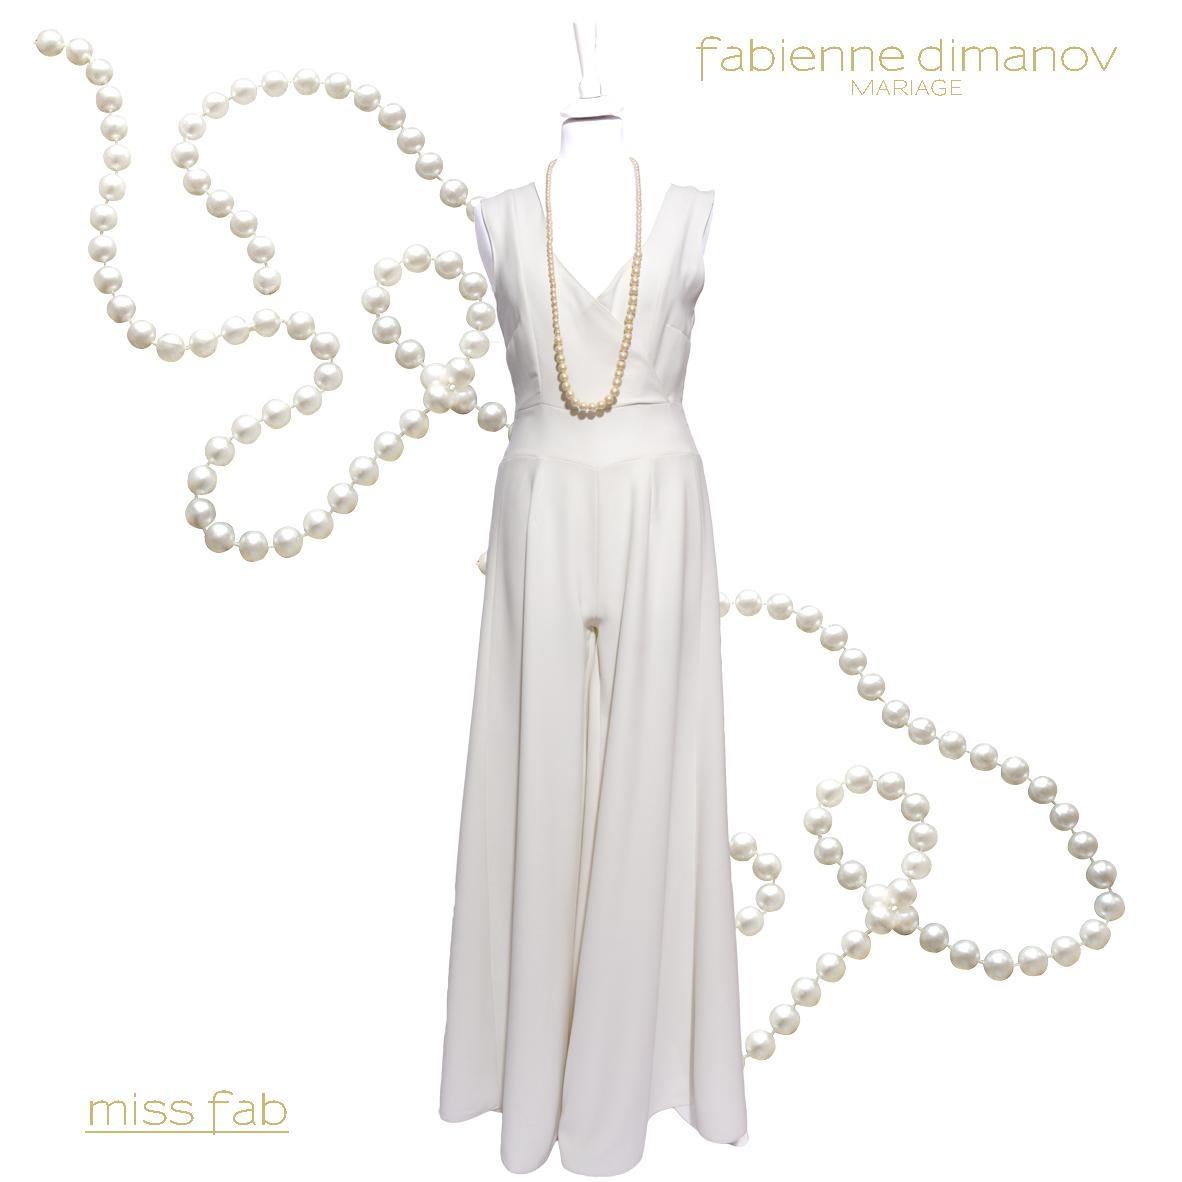 COMBI PATTE D'EPH IVOIRE - Miss Fab - Fabienne Dimanov Mariage